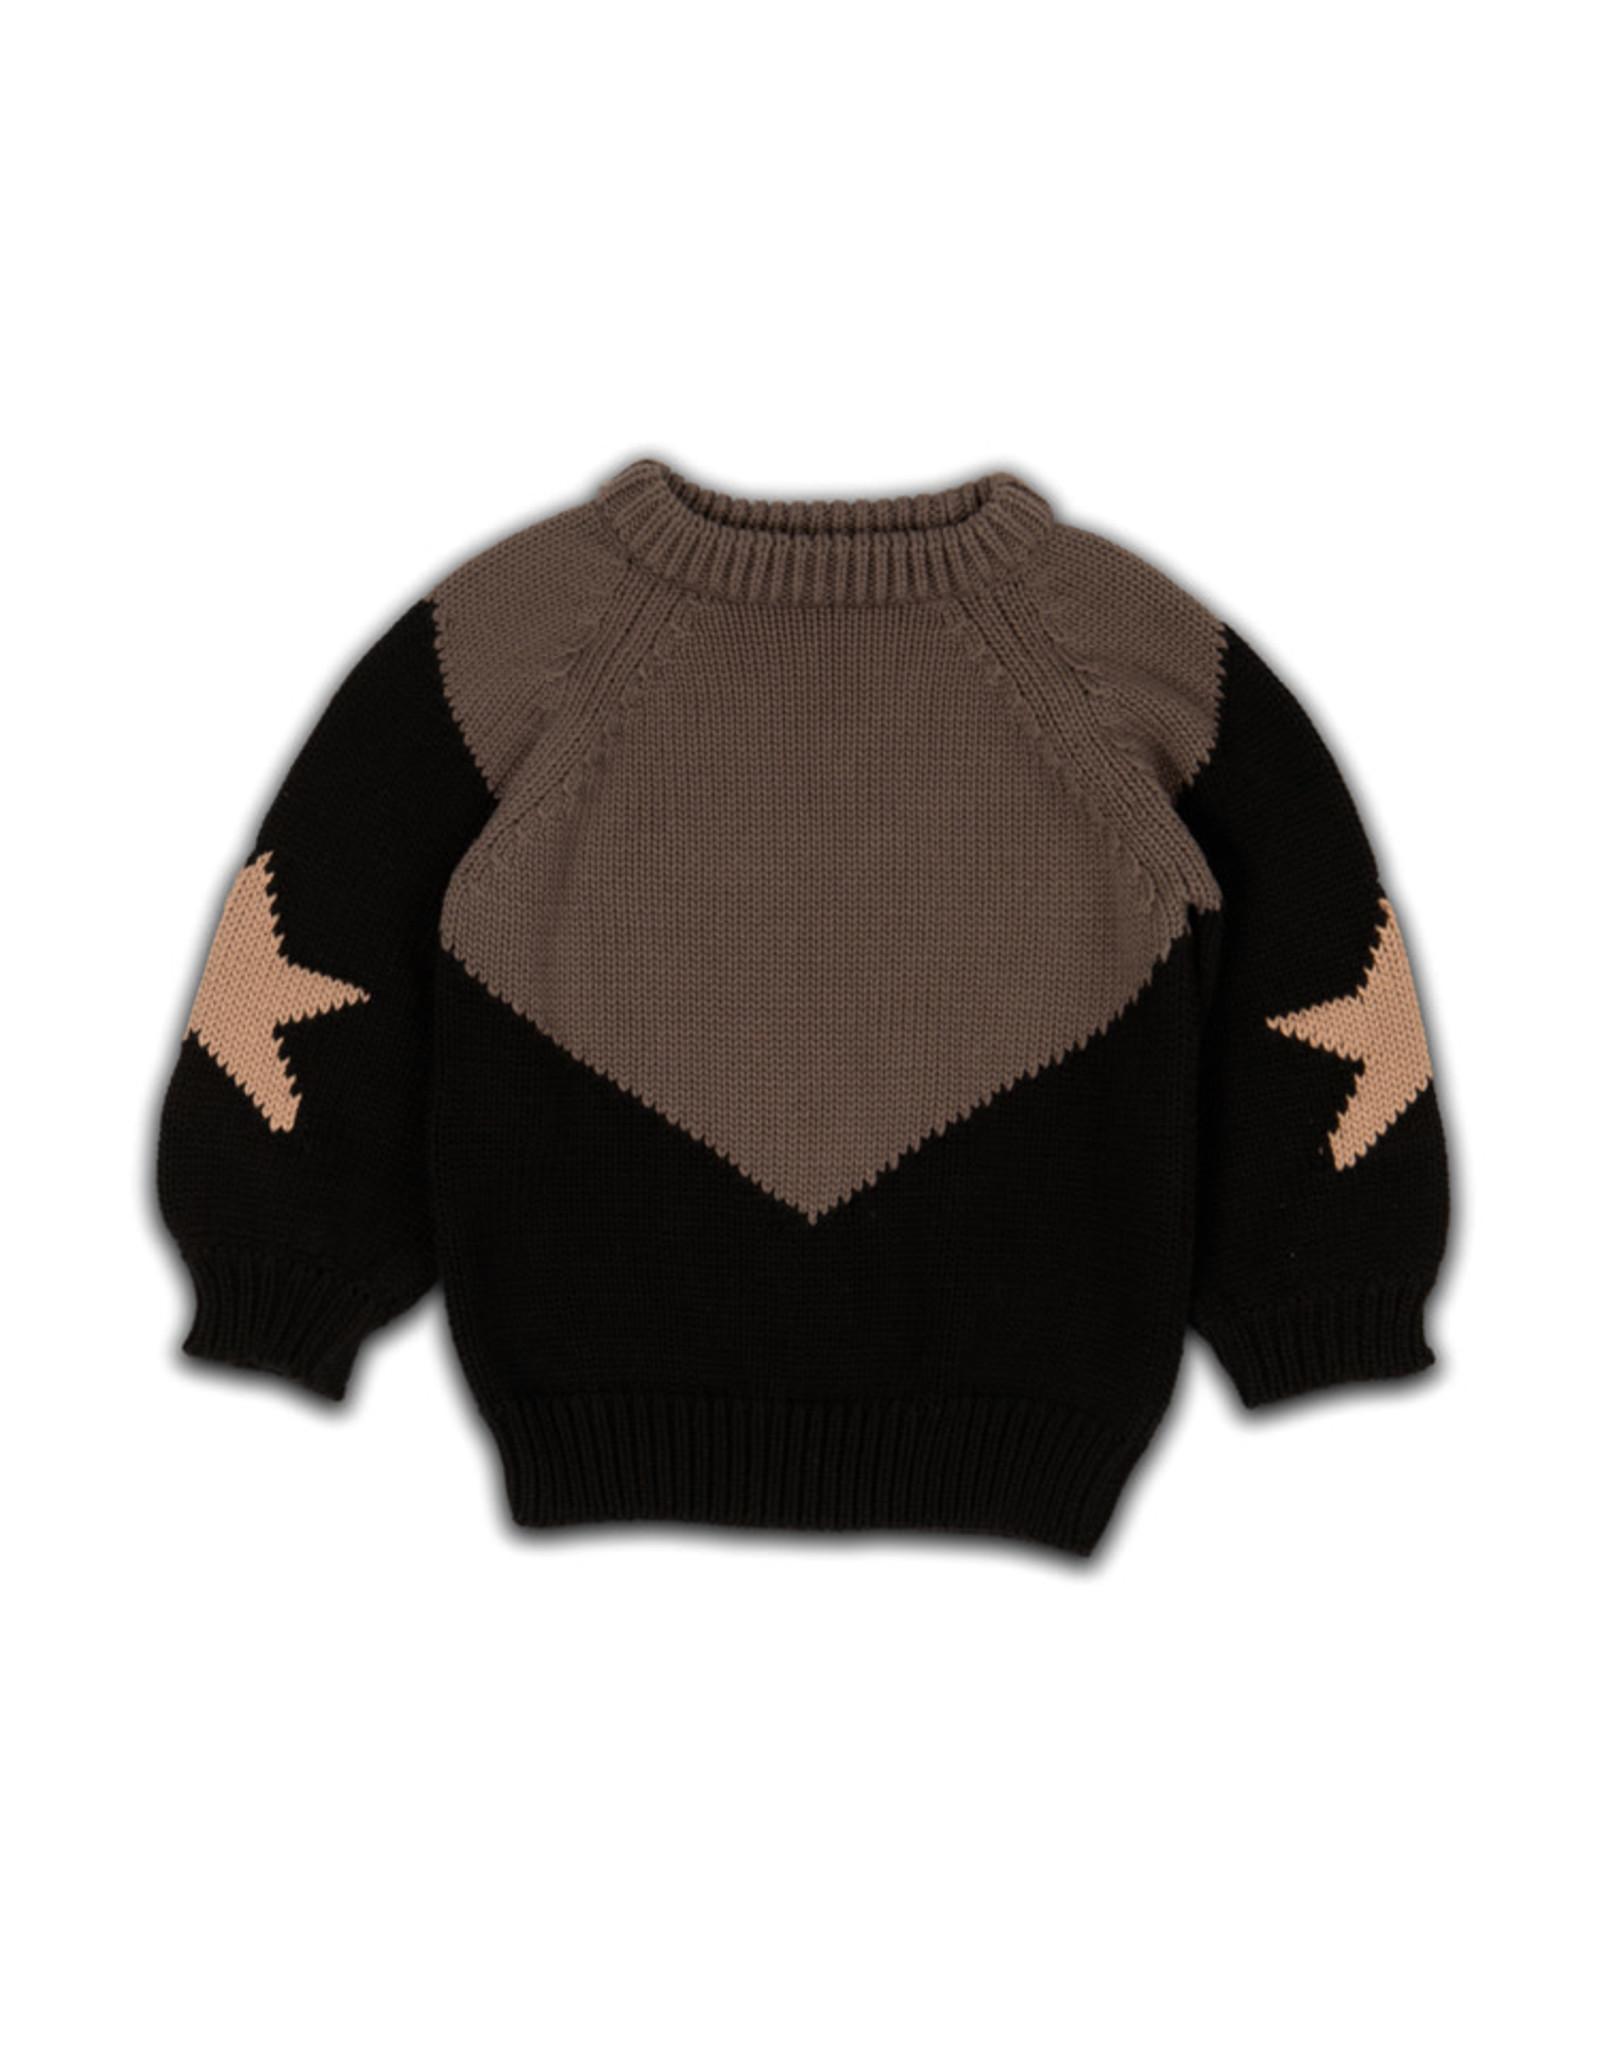 Cos I Said So knitwear star